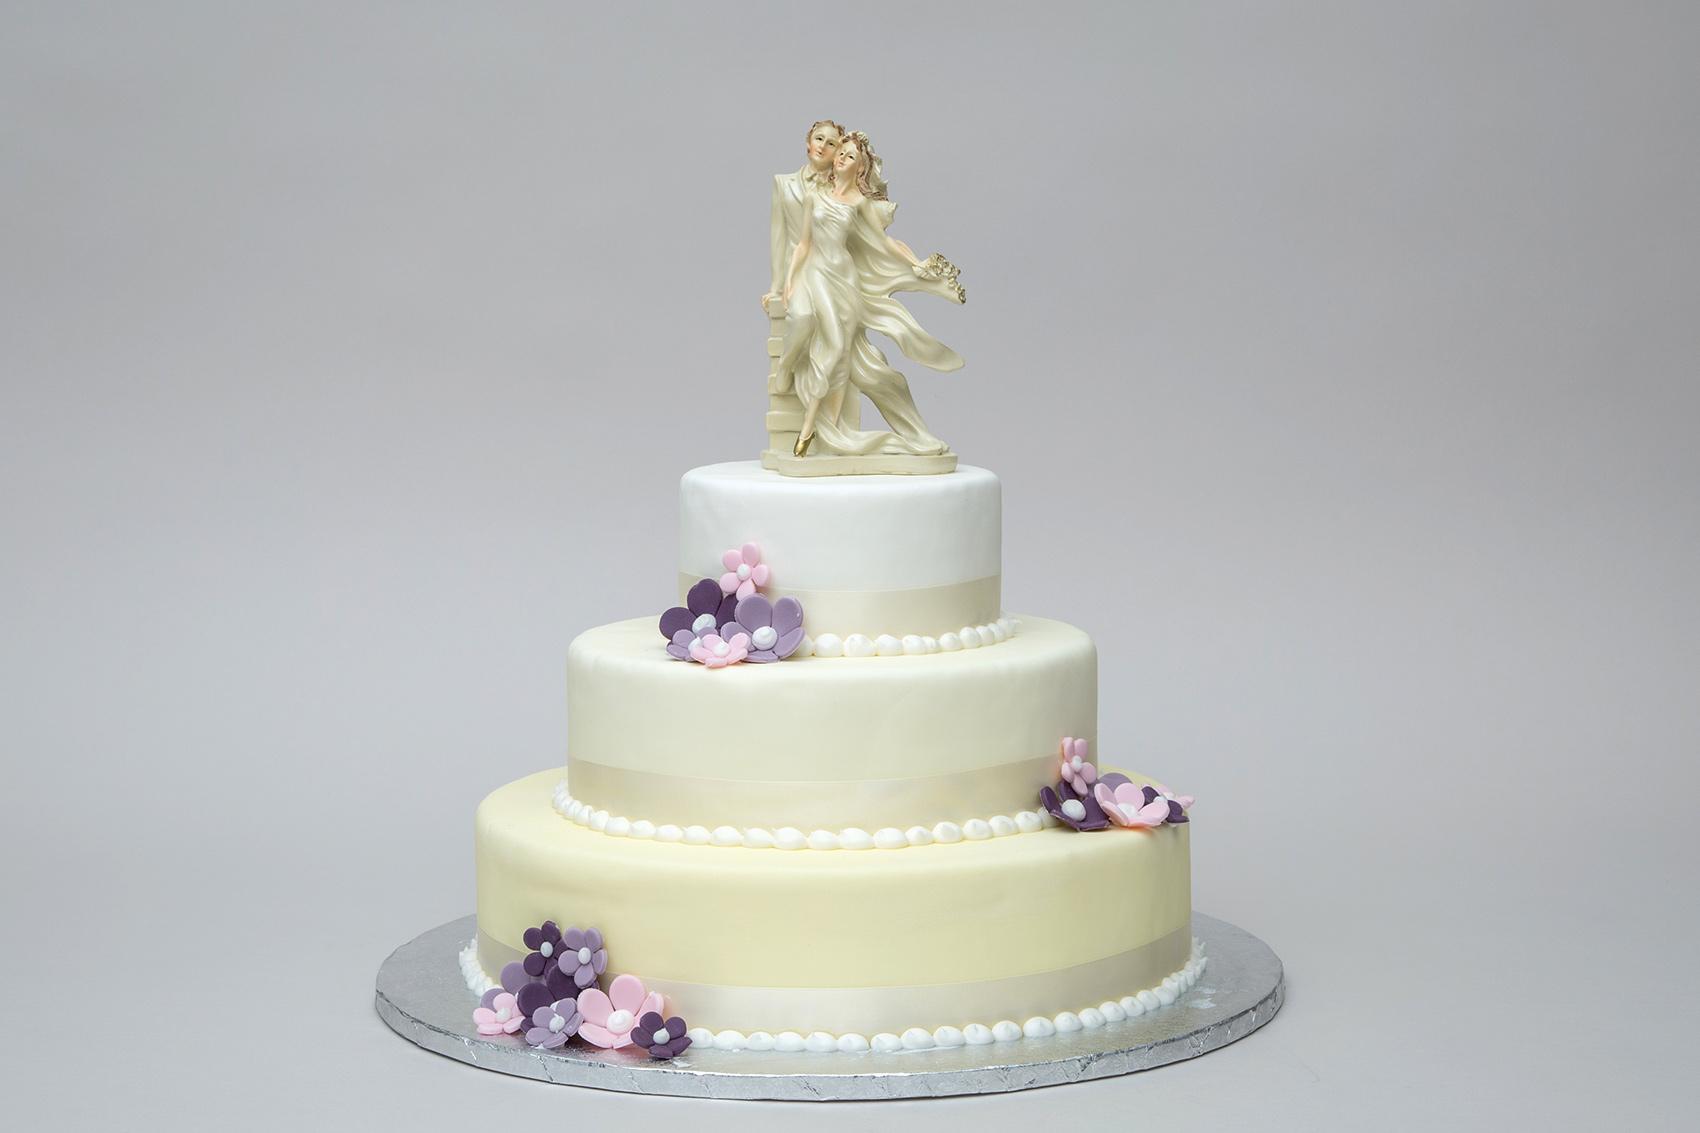 Schlichte Torte mit Blumen